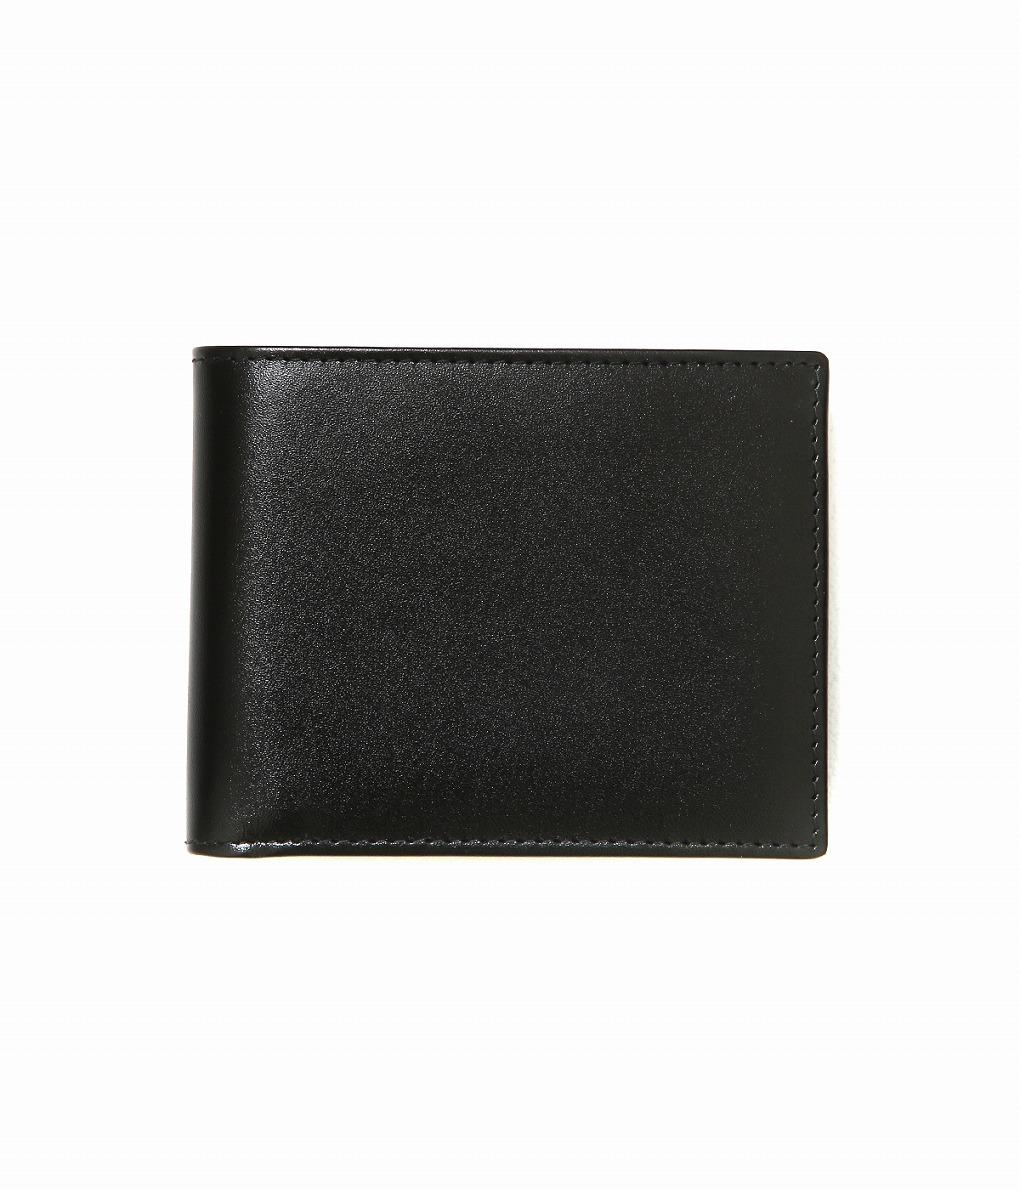 ETTINGER / エッティンガー : Billfold with 3 C/C & coin purse : ビルフォールド ウィズ スリー シー シー アンド コイン パース コインケース メンズ : BL141 【MUS】